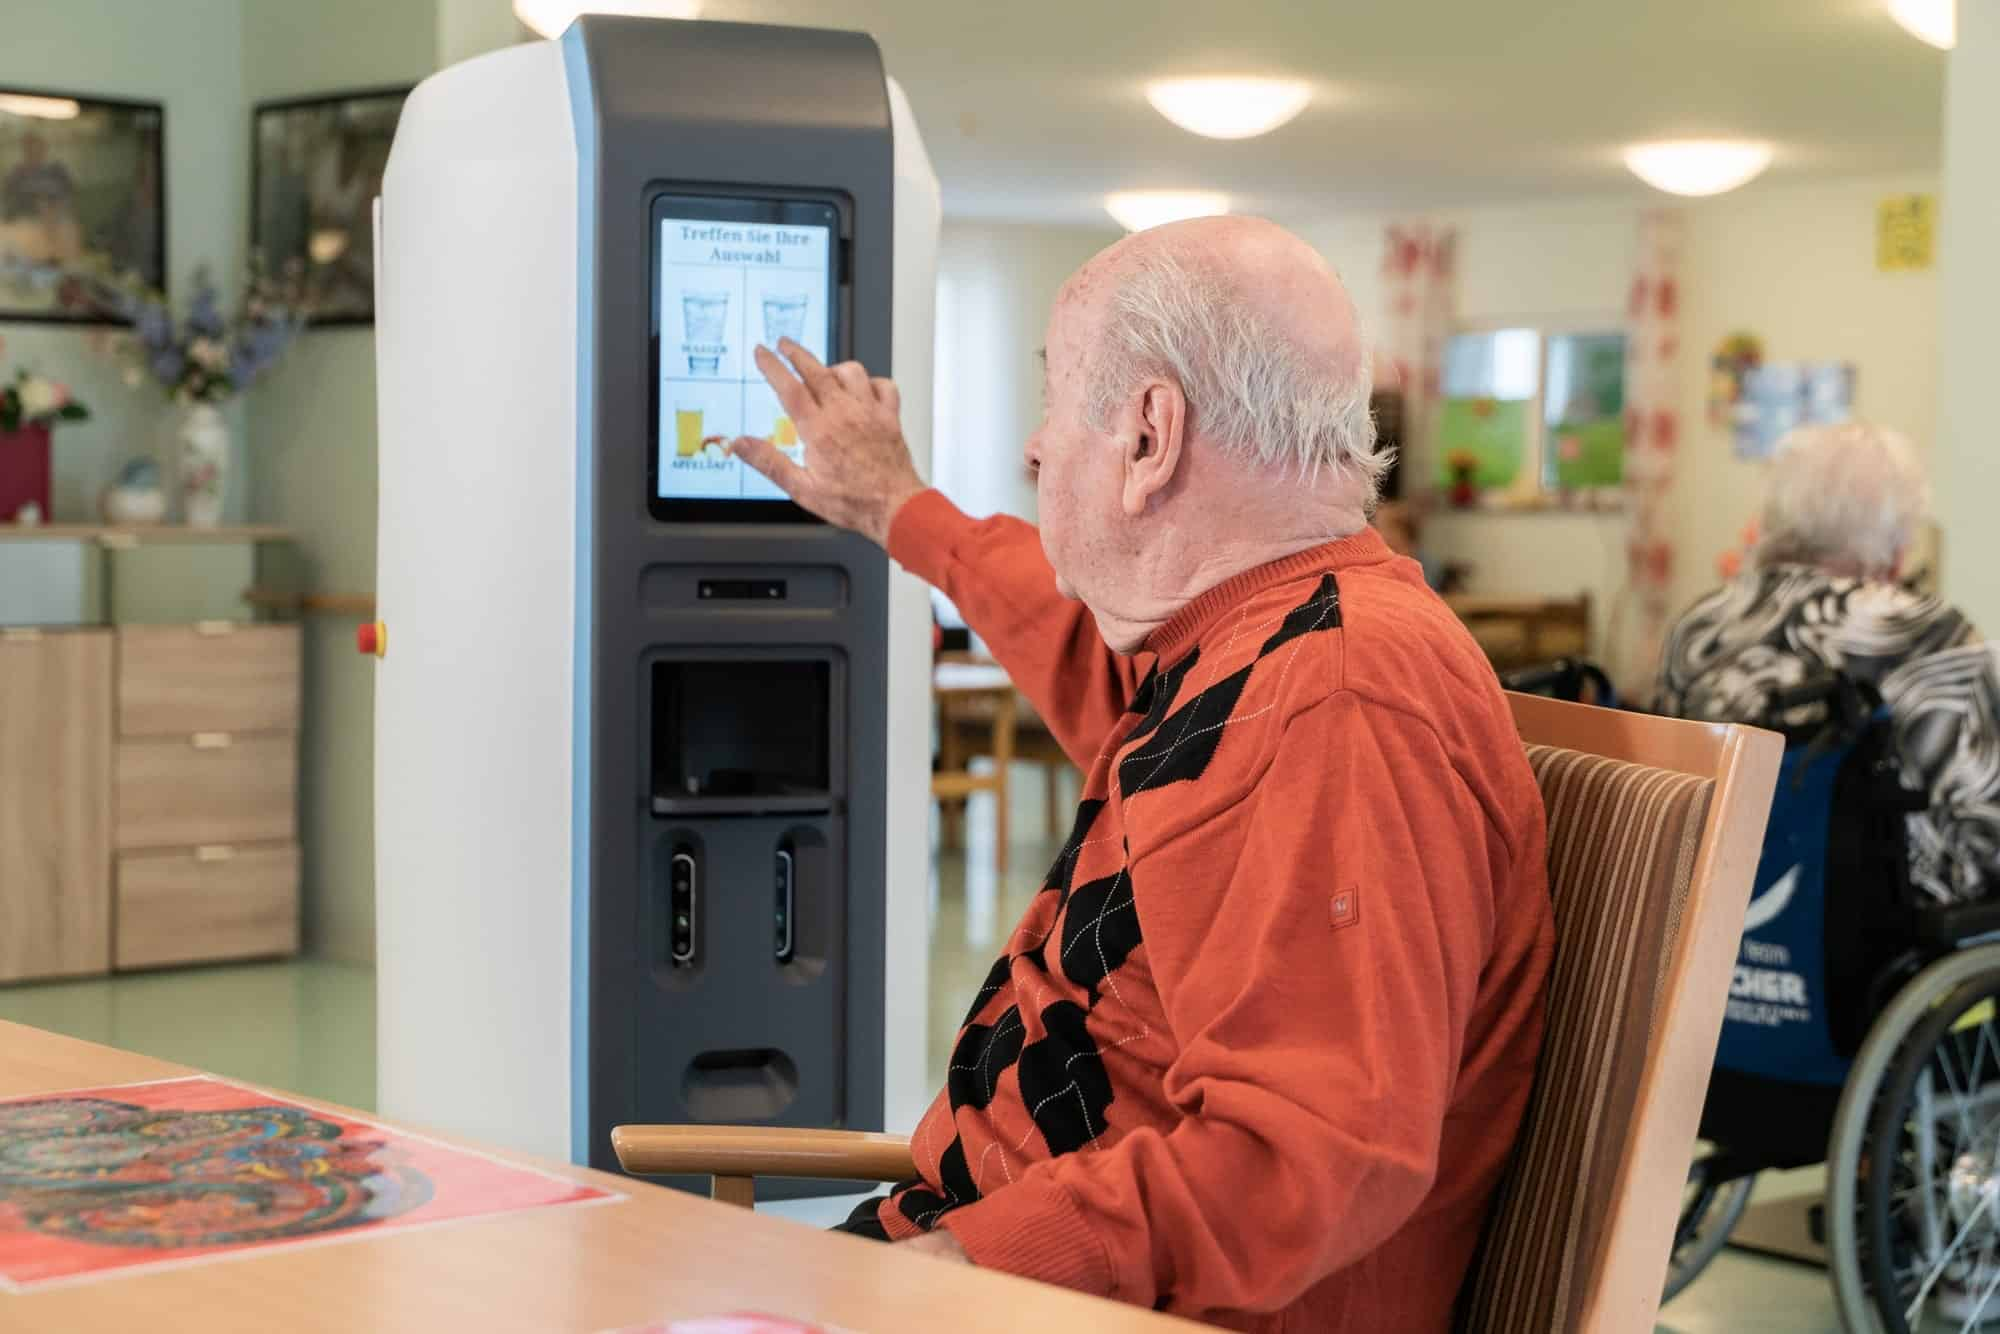 Der robotische ServiceAssistent unterstützt das regelmäßige Trinken und fördert die Selbstständigkeit (Foto: Fraunhofer IPA)